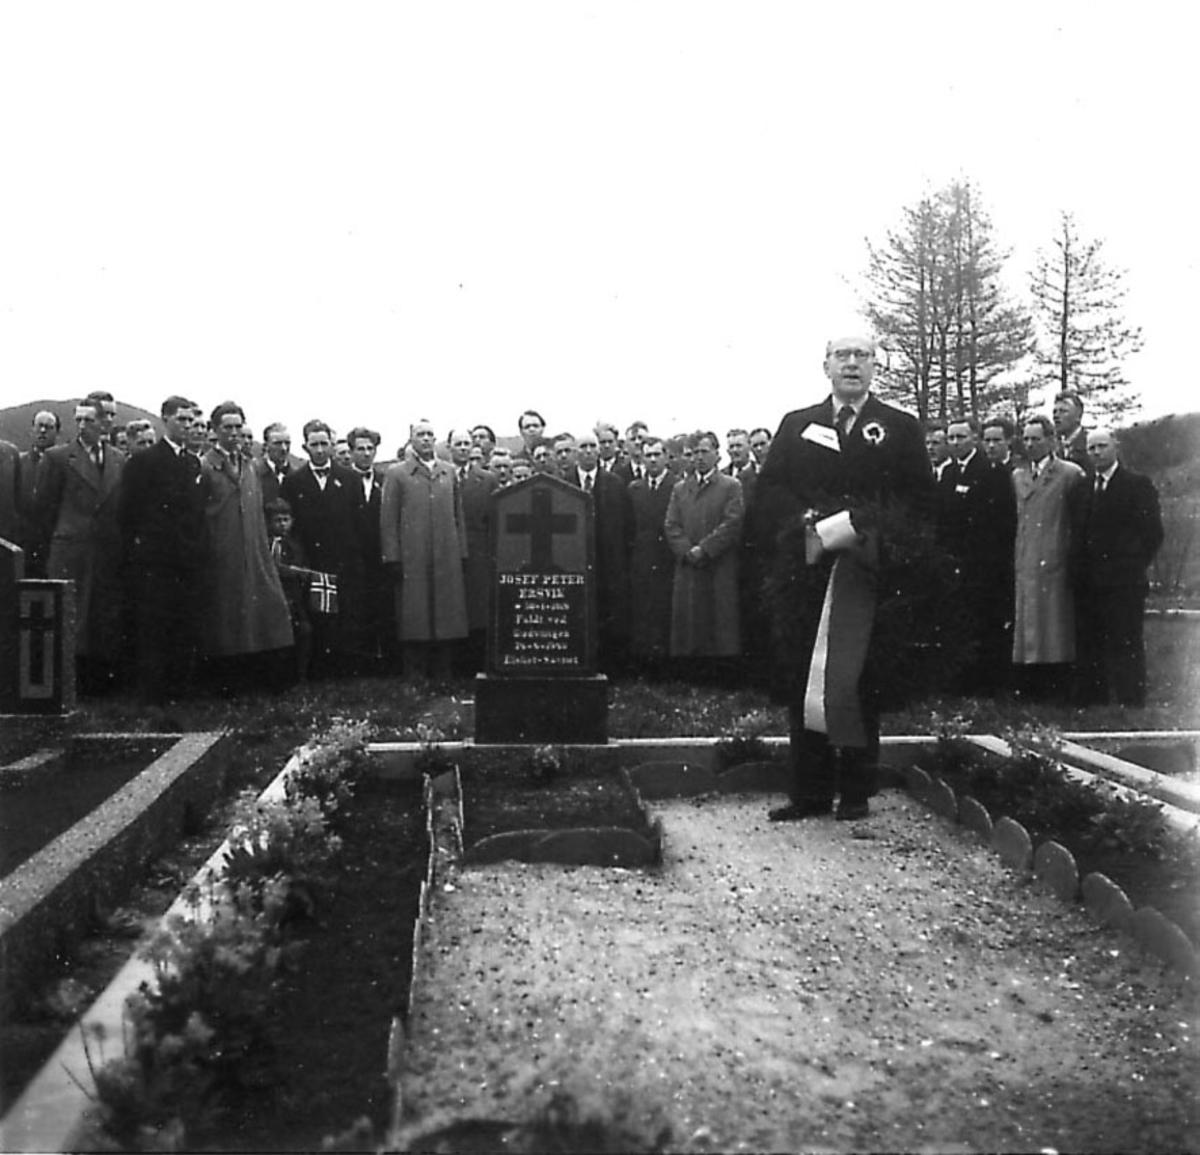 Frigjøringsdagene i Bodø etter krigen 1940 - 1945. Minnestund ved graven til Josef Peter Ersvik. Mange personer, En foran med krans.